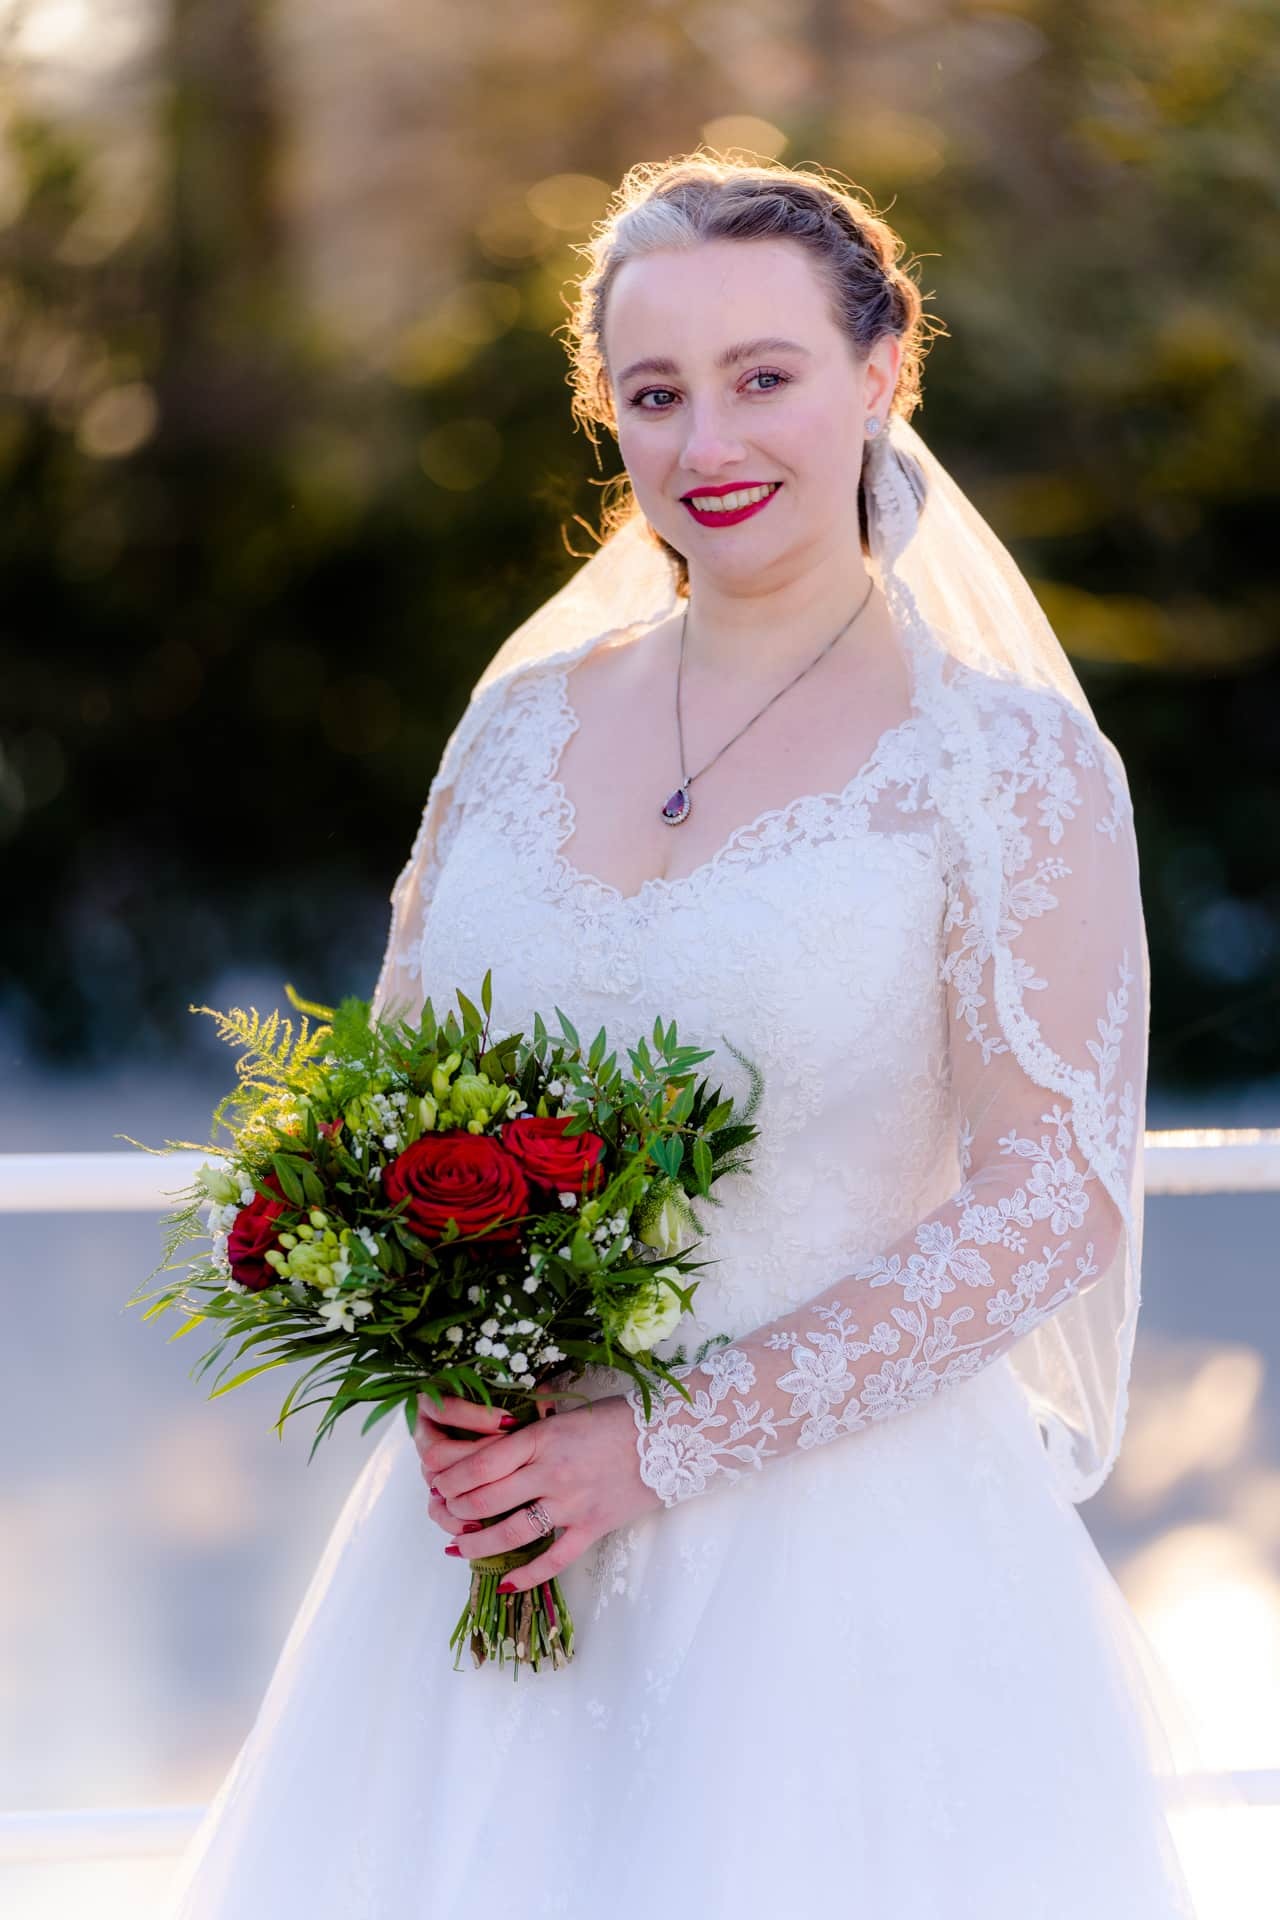 Bruidsfotografie Kasteel Ter Horst Loenen, trouwfotografie door trouwfotograaf Grietje Mesman, portret bruid